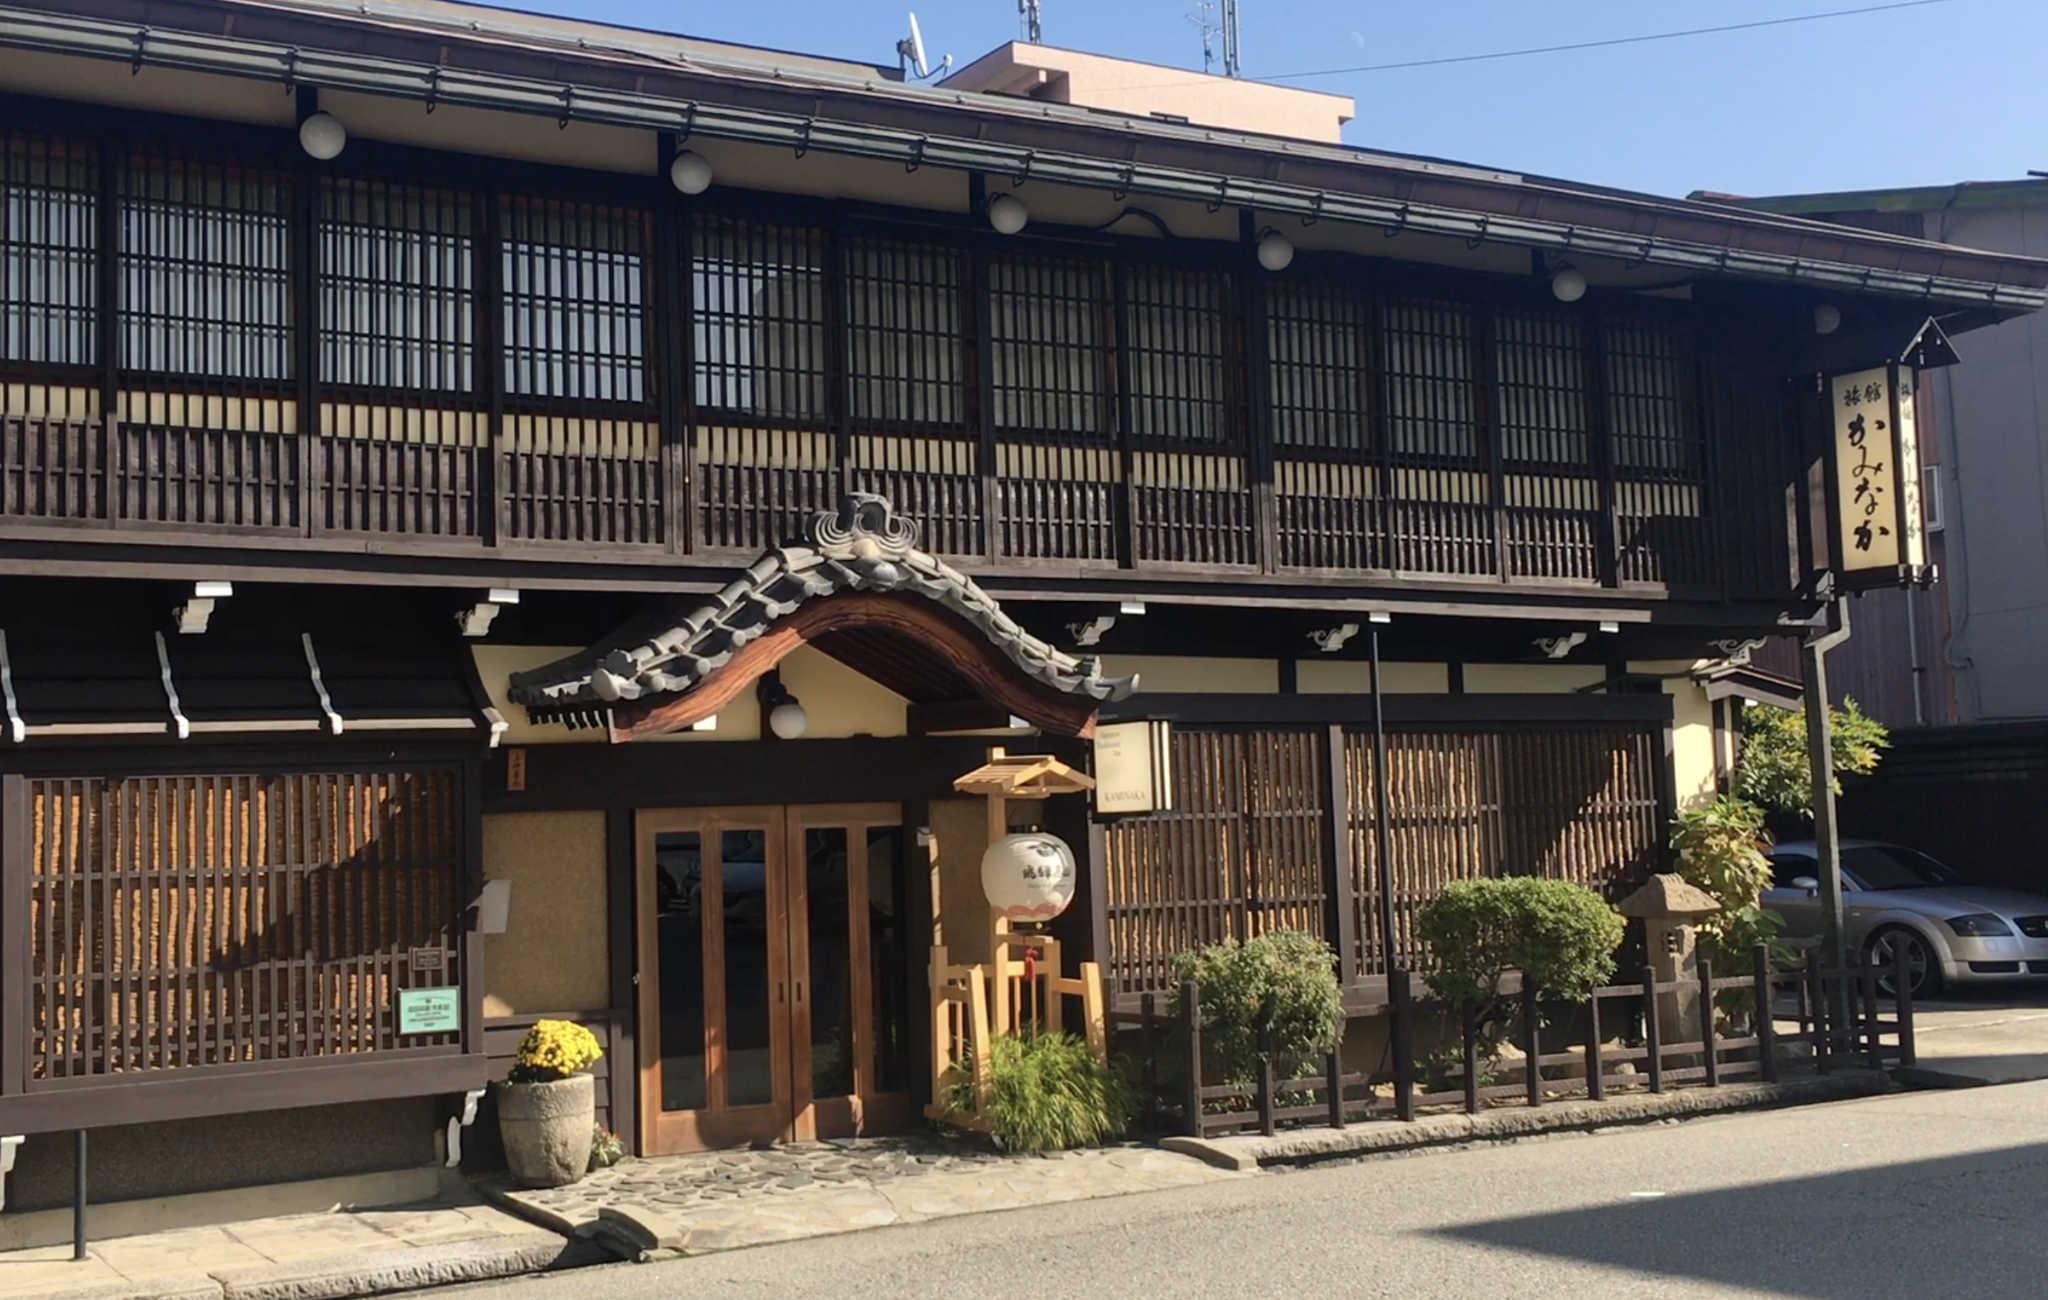 L'entrée du ryokan, une allure sobre mais très confortable et accueillant